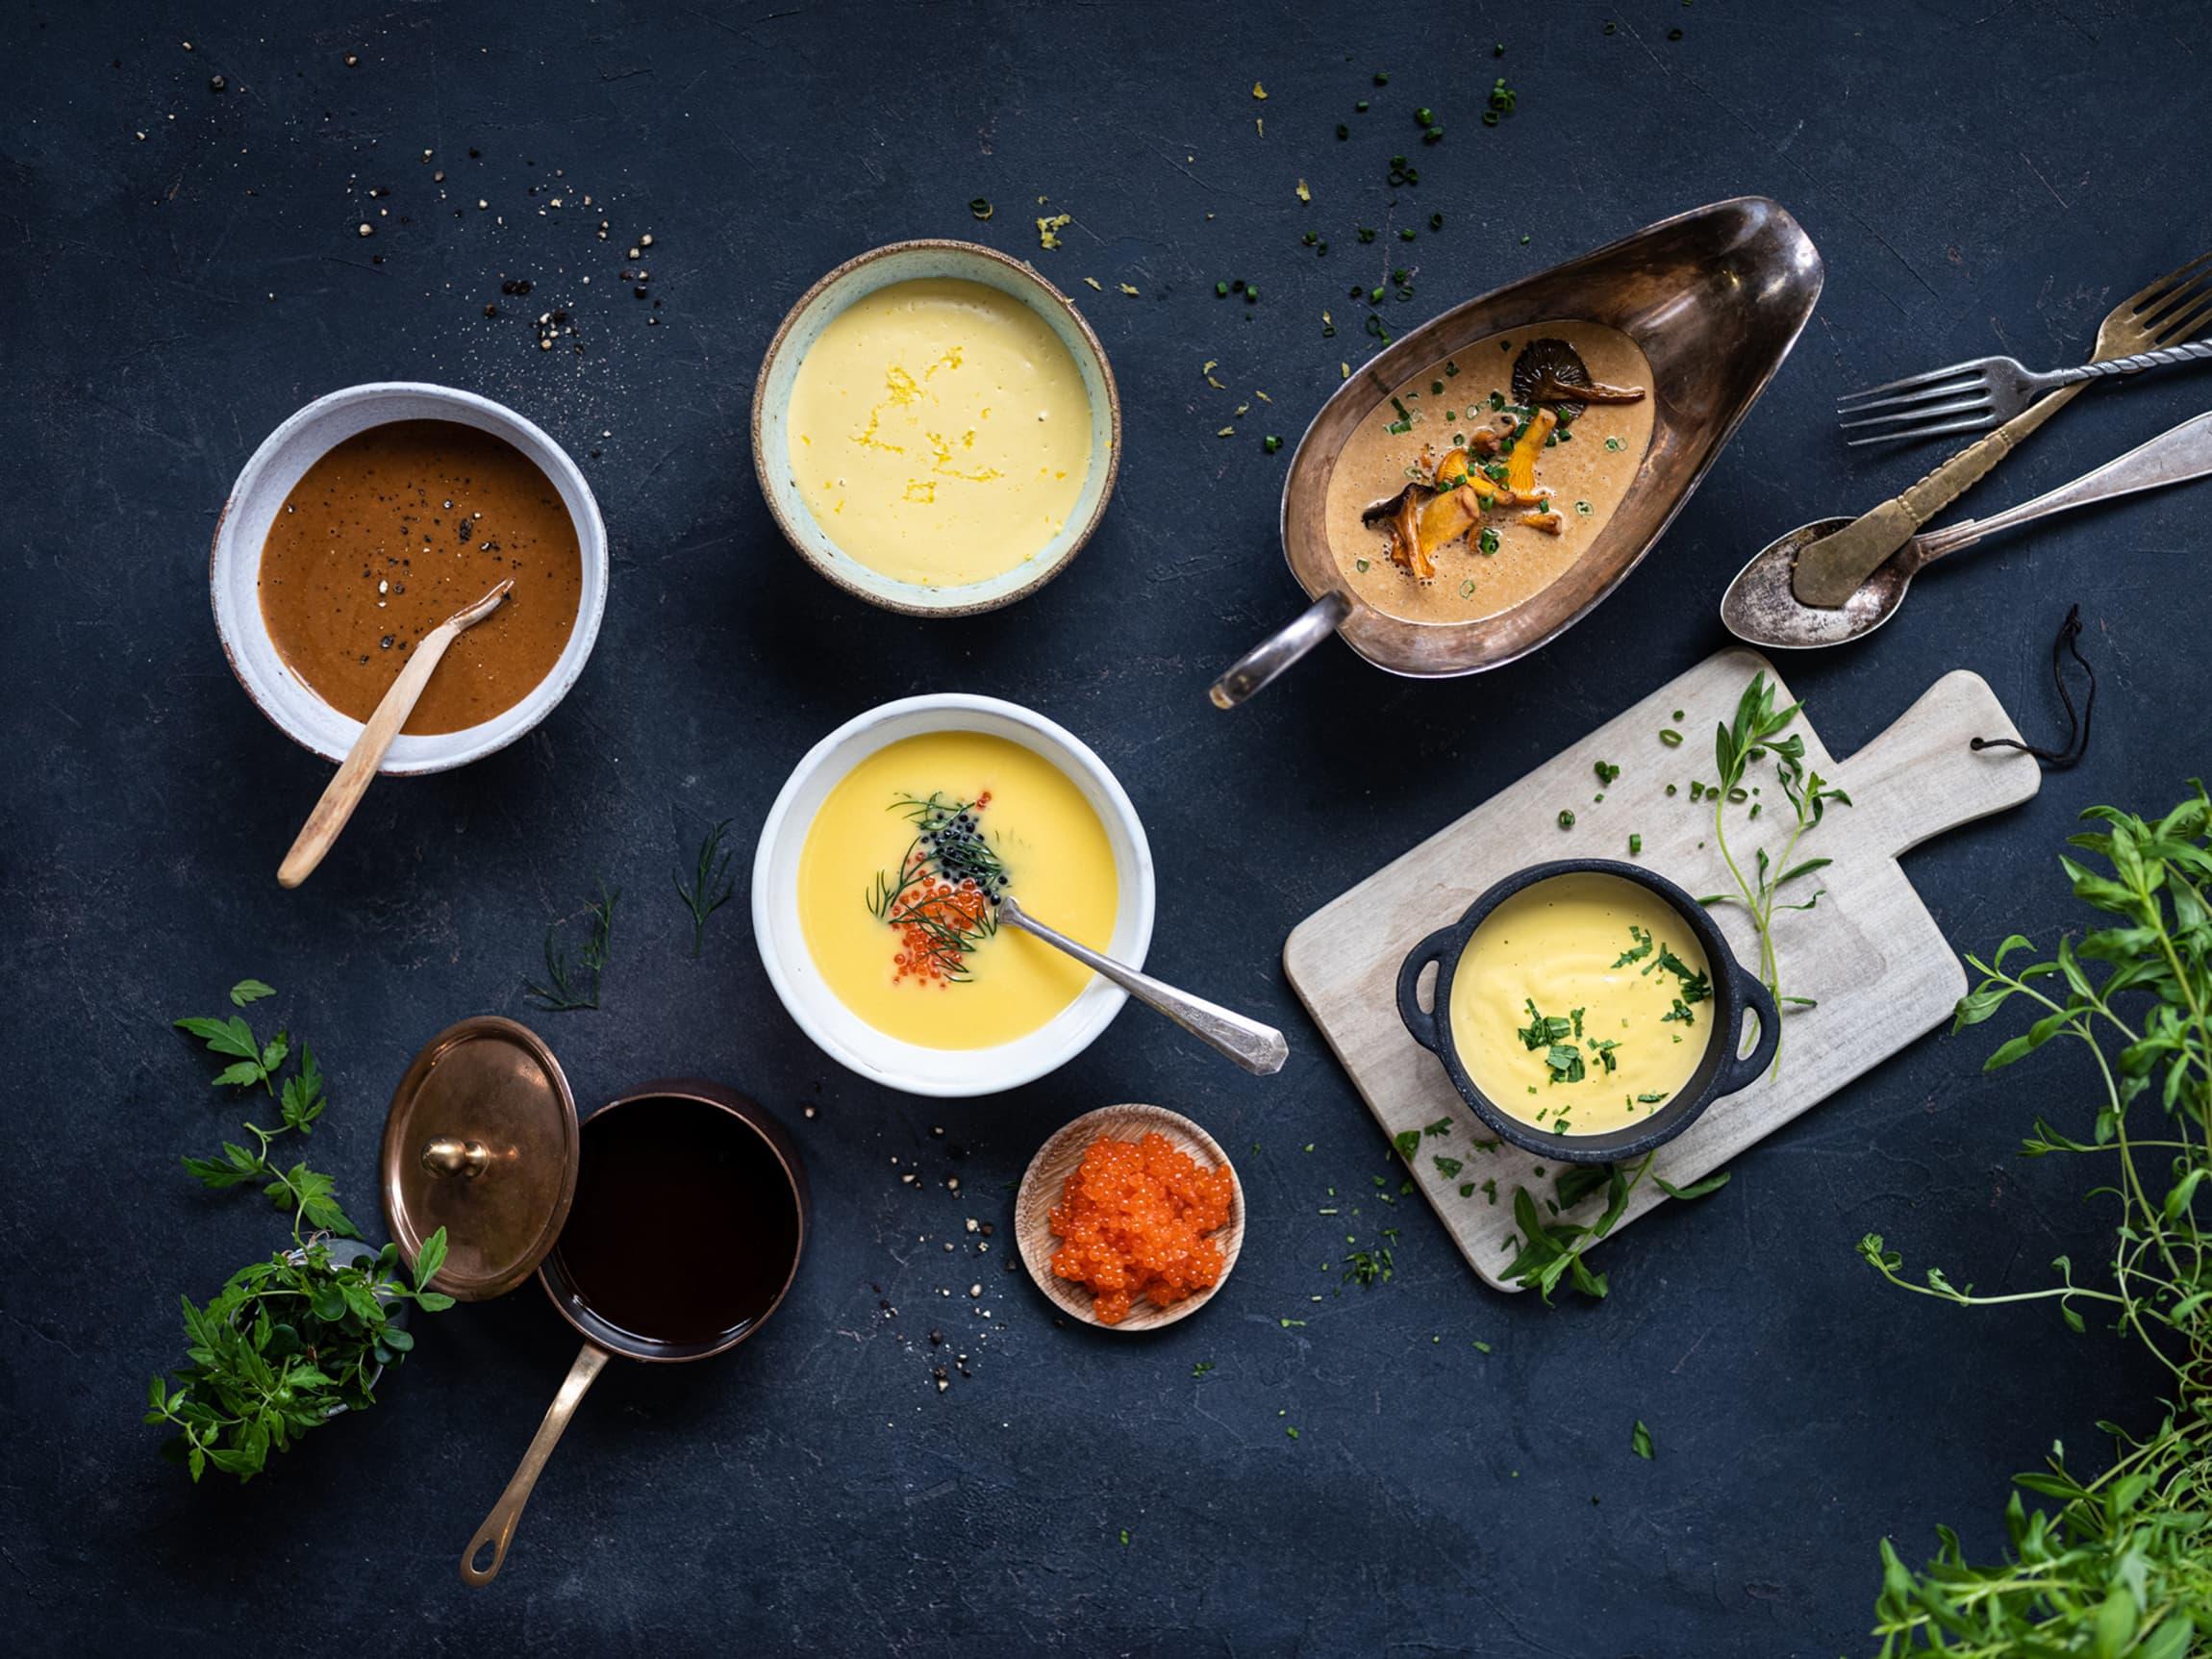 En god saus er viktig til maten. Jacobs Utvalgte sauser har noe for enhver smak og ethvert måltid